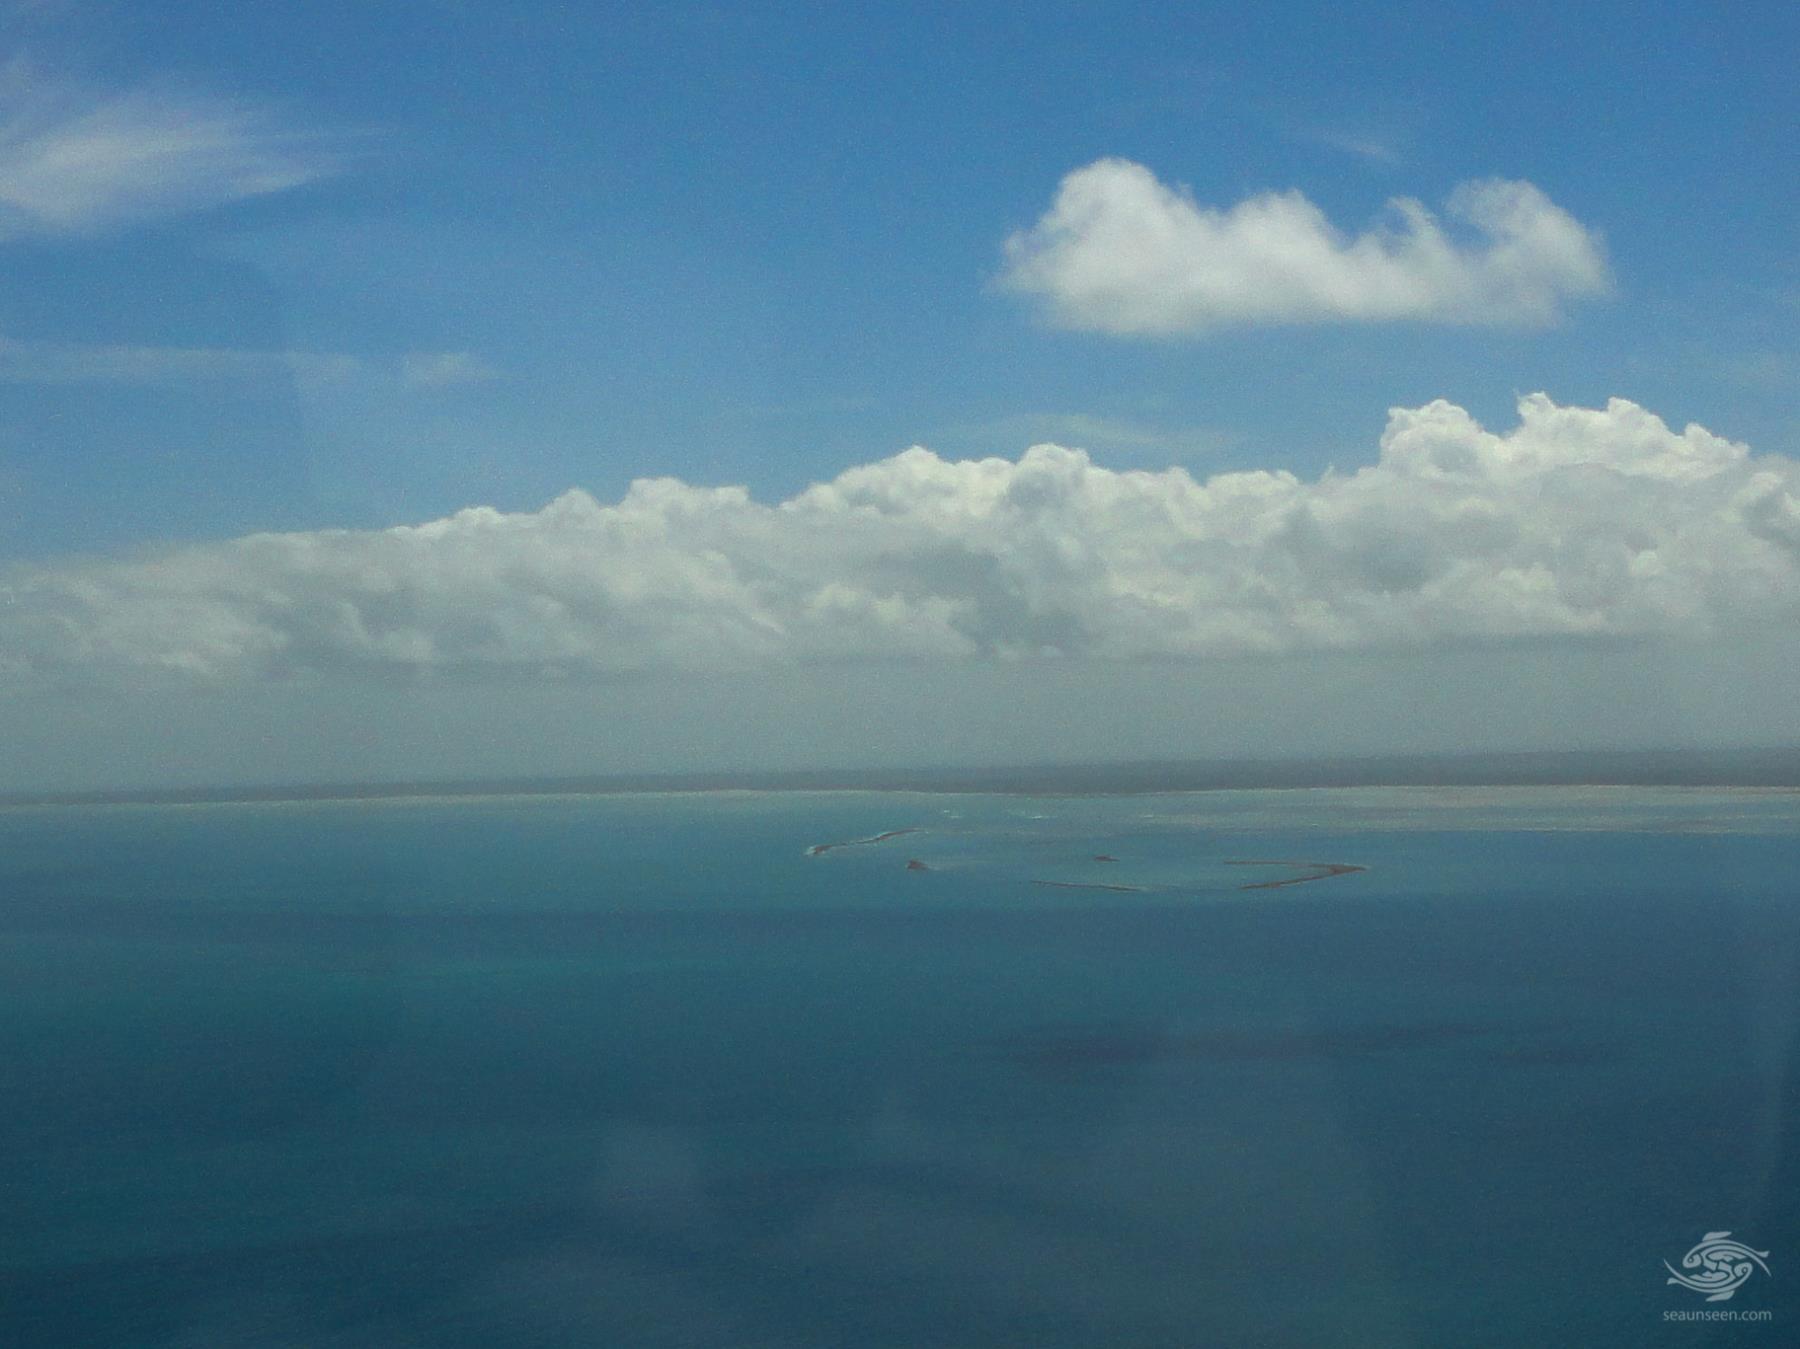 Tanzania Underwater Ruins